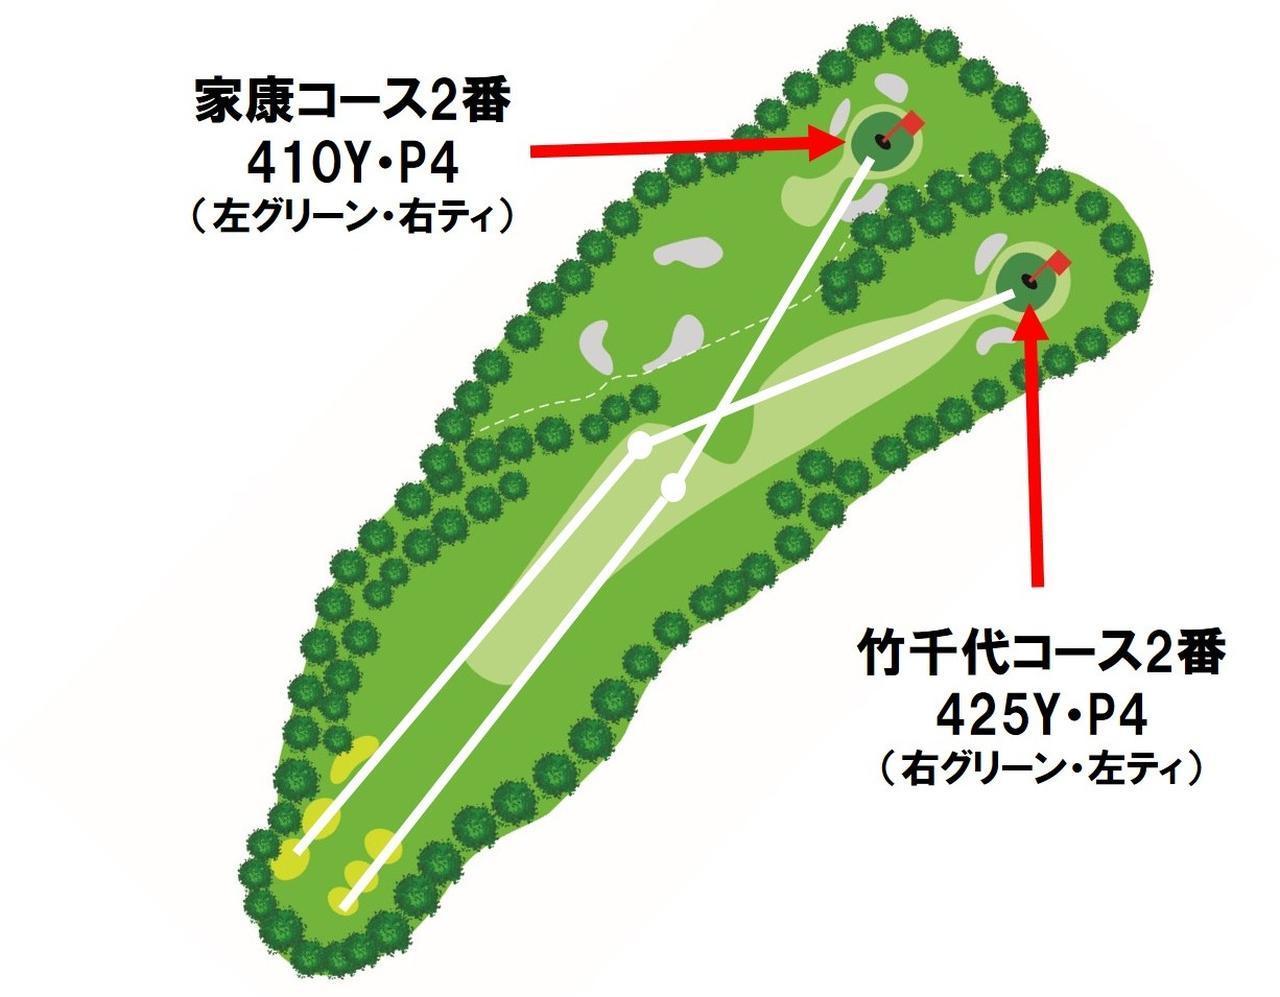 画像2: 東海エリアは 日本一合理的 ! フェアウェイど真ん中にカート道